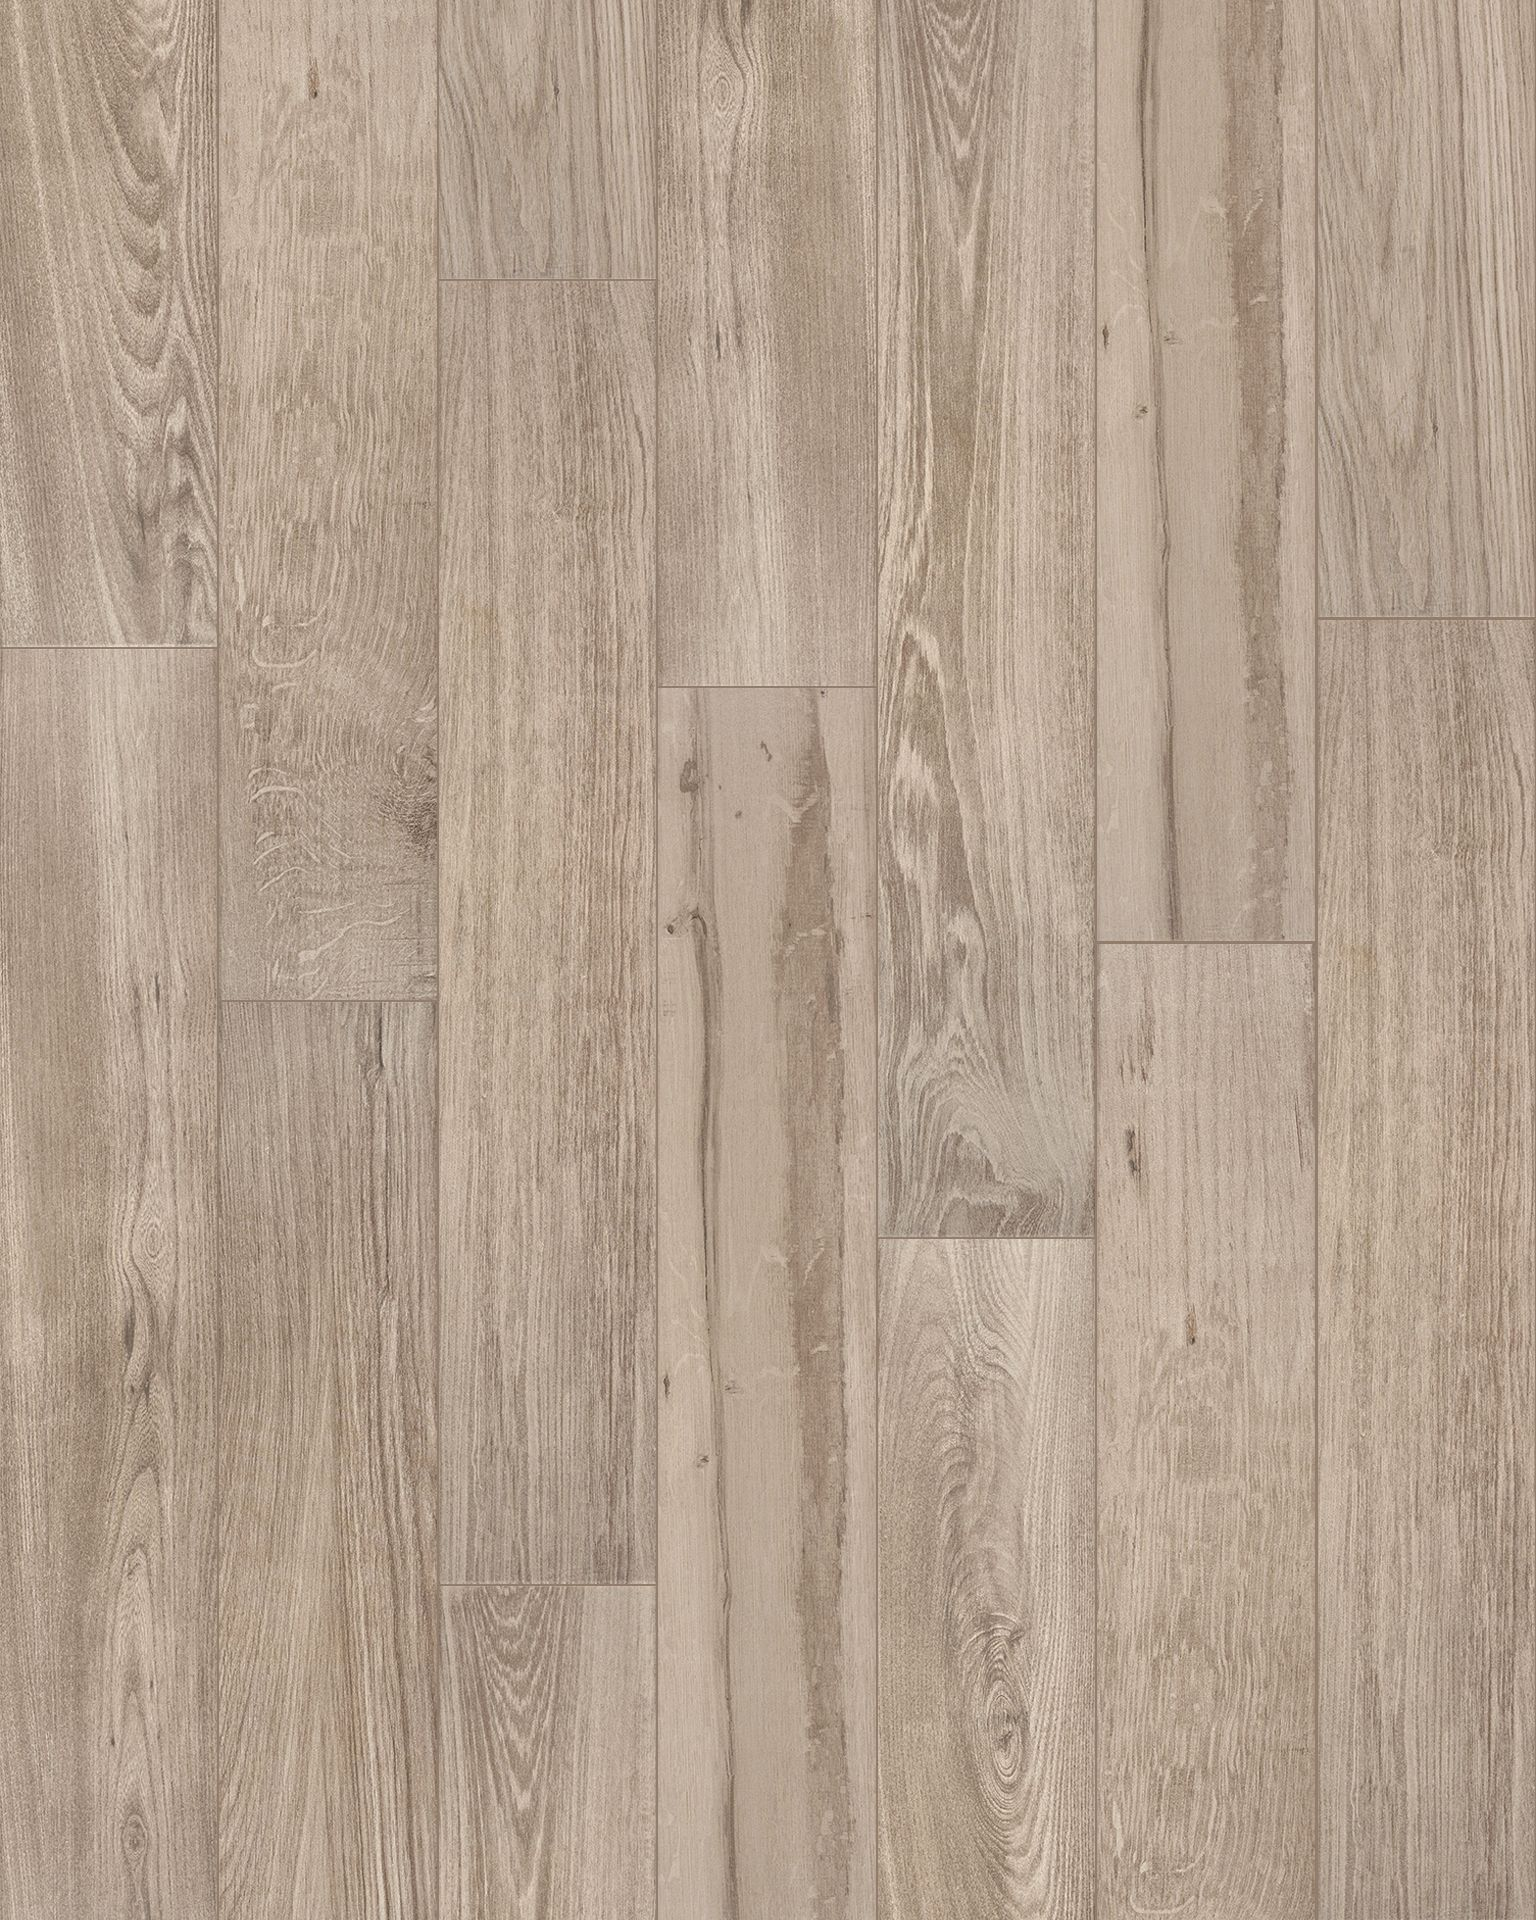 Pin On Lakeland Wood Look Tiles